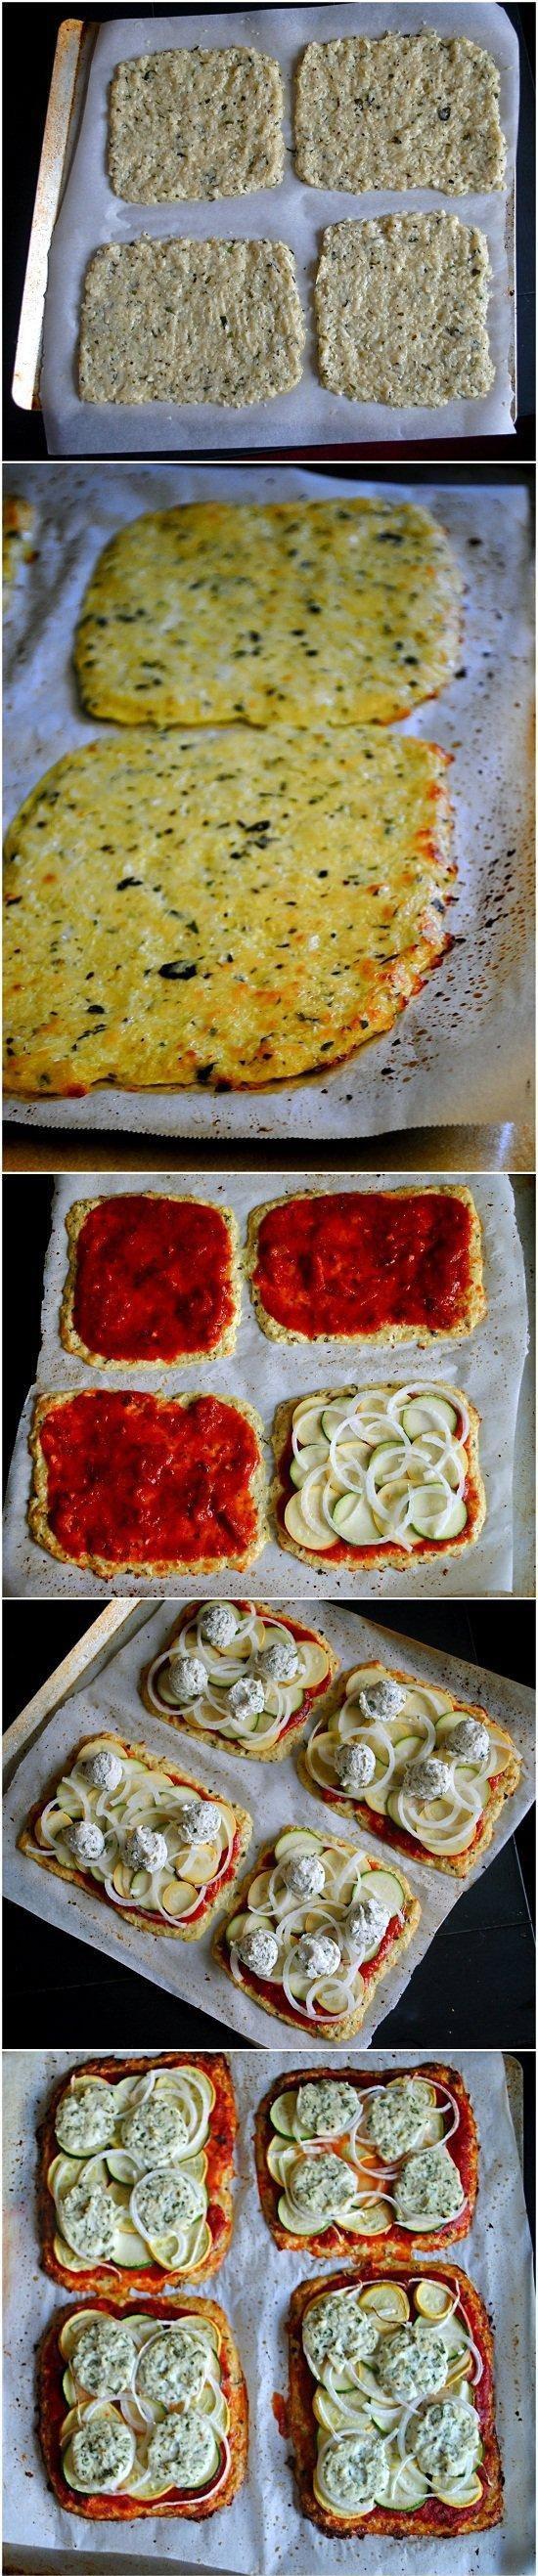 """Pizza z kalafiora""""zastępcza pizza z kalafiora"""" 200g surowego kalafiora ścieramy na tarce, pół kulki mozzareli, mieszamy to w misce z jajkiem i przyprawami. Rozgrzewamy piekarnik do 180 stopni. Zimną blachę smarujemy oliwą z oliwek, rozkładamy równomiernie ww. masę, wierzch posypać ziołami lub kurcharko-podobną przzyprawą. Pieczemy 12-15 minut, po tym czasie wyjmujemy, smarujemy sosem i dajemy dodatki które chcemy wkładamy do piekarnik na jakieś 5 minut z opcją 'grill'"""